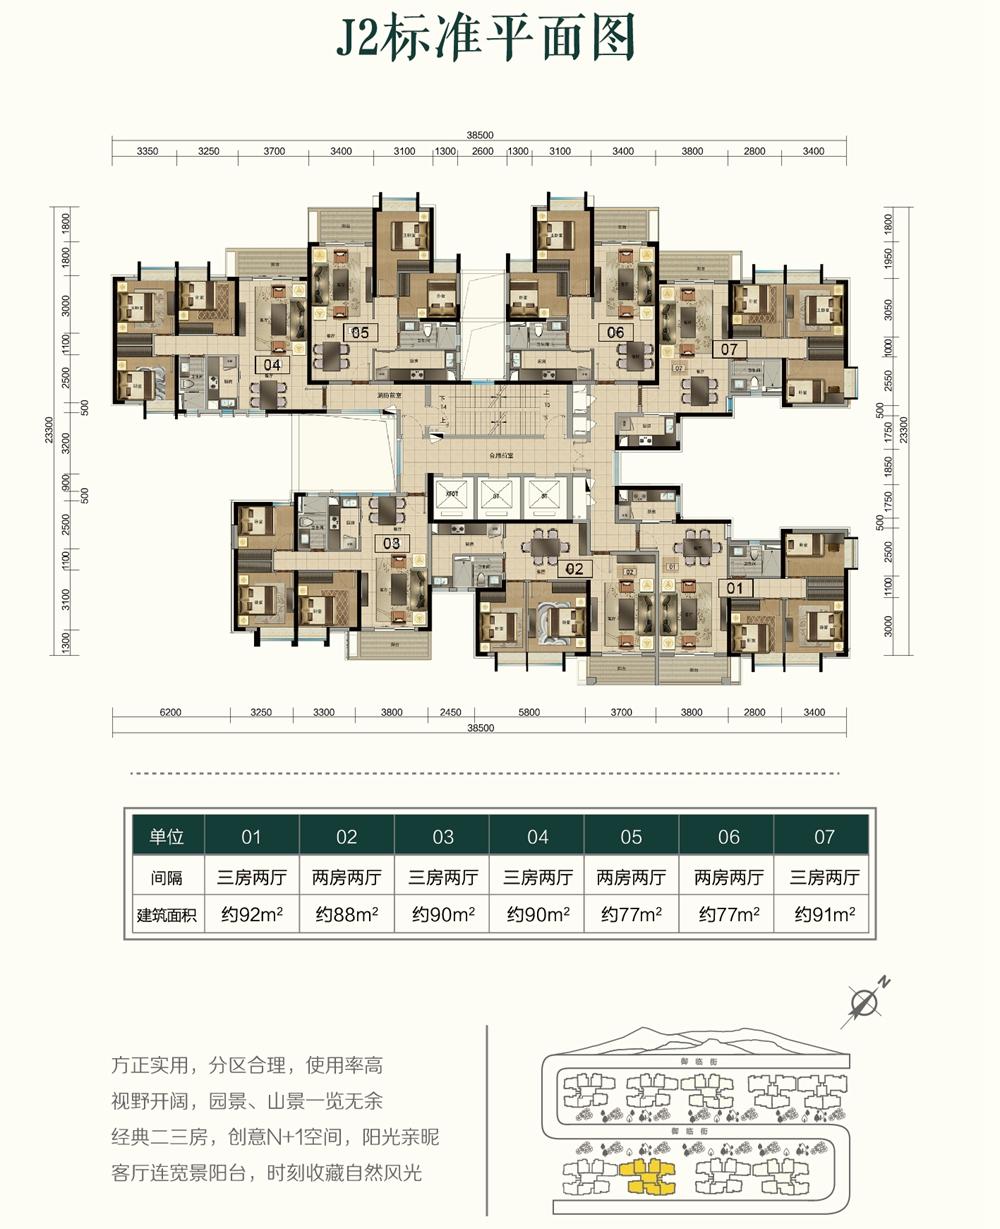 【峦峰】组团J2栋楼层平面图